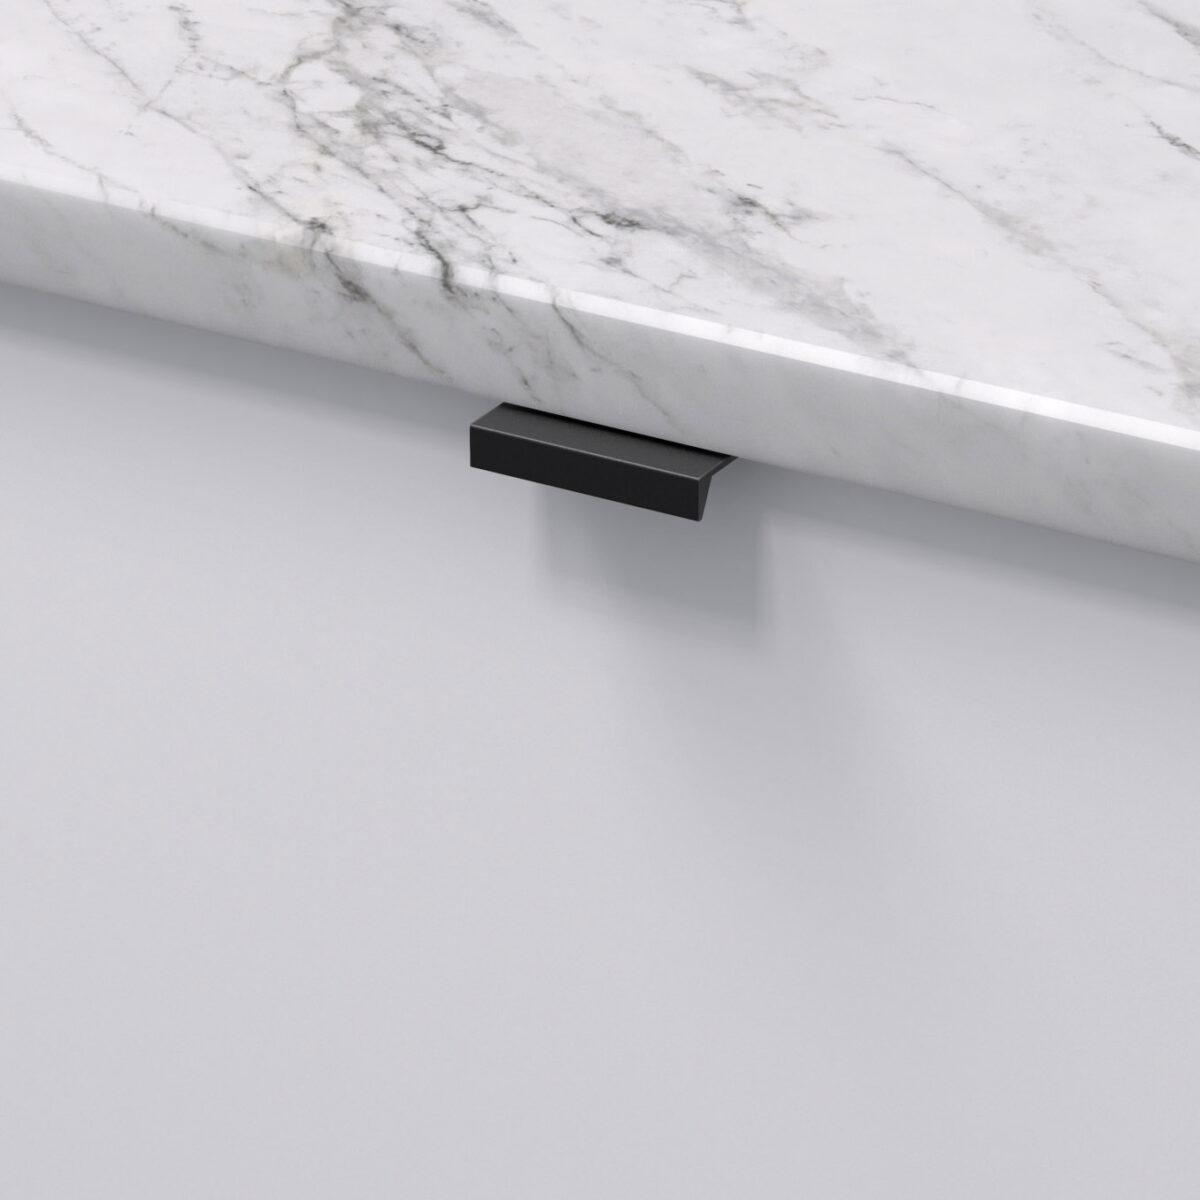 Profilhandtag slim 4025 matt svart 305175 11 40 mm ncs s 0300 n marmor carrara